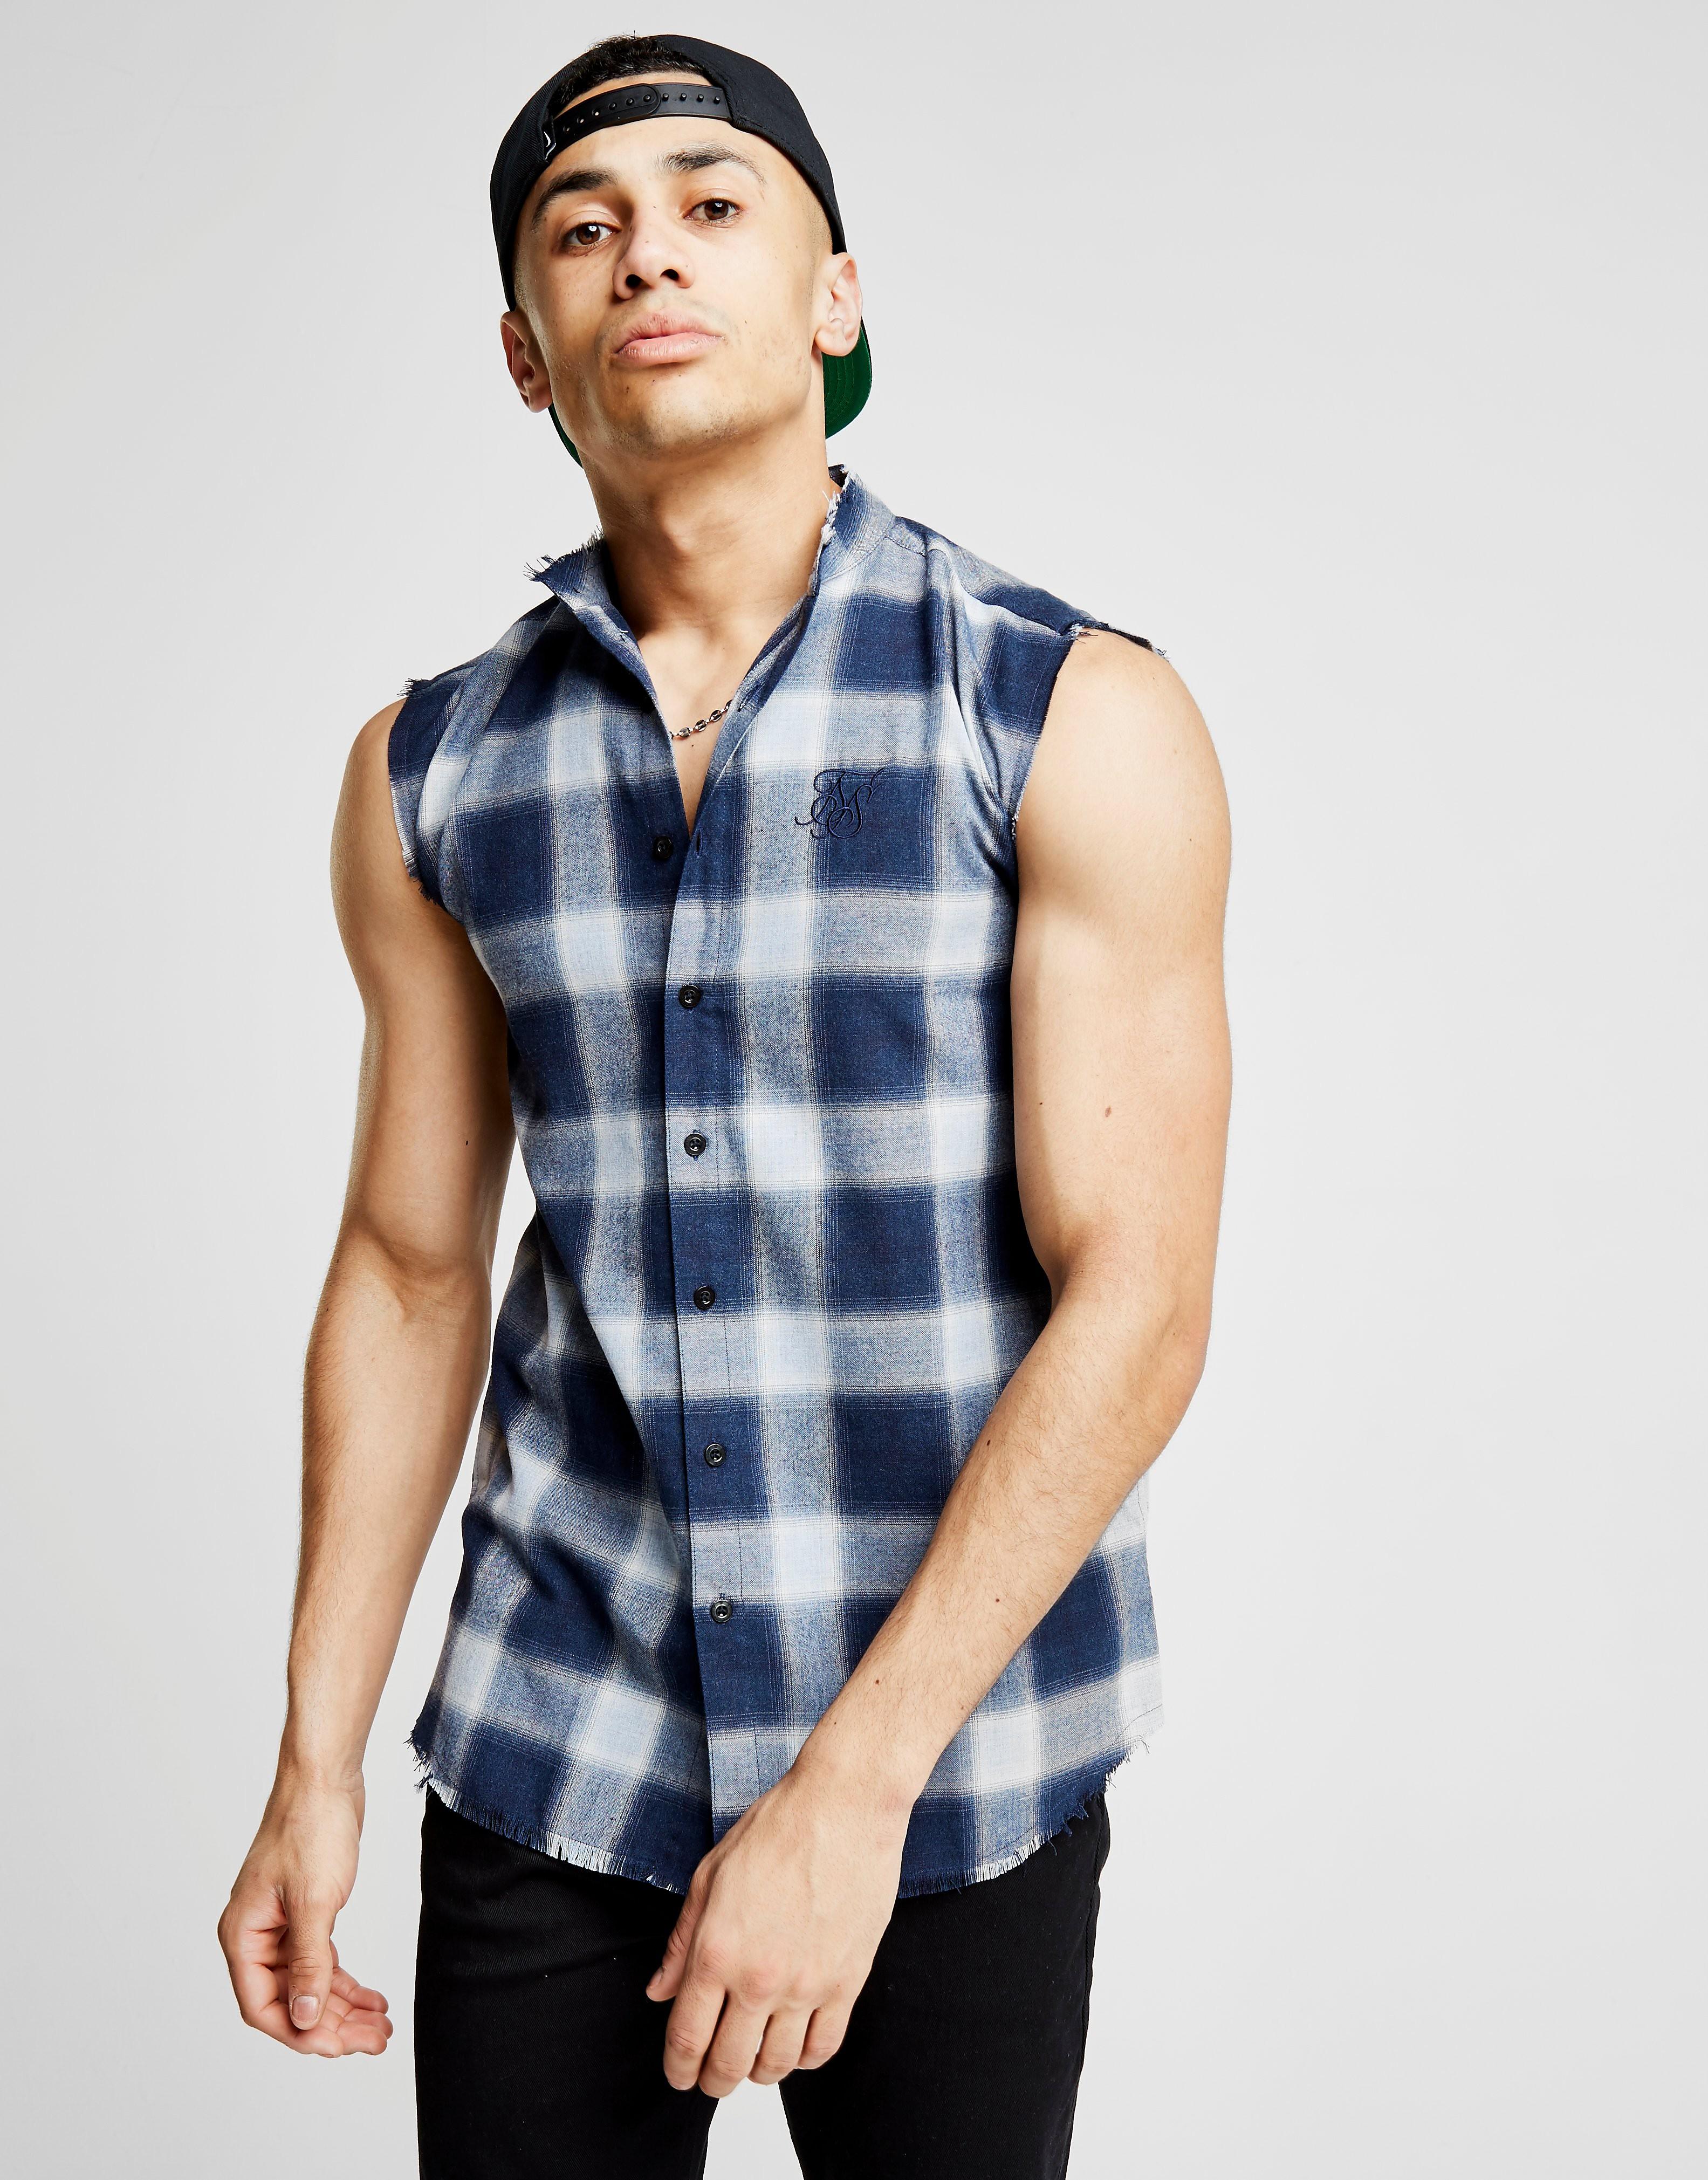 SikSilk Sleeveless Flannel Shirt